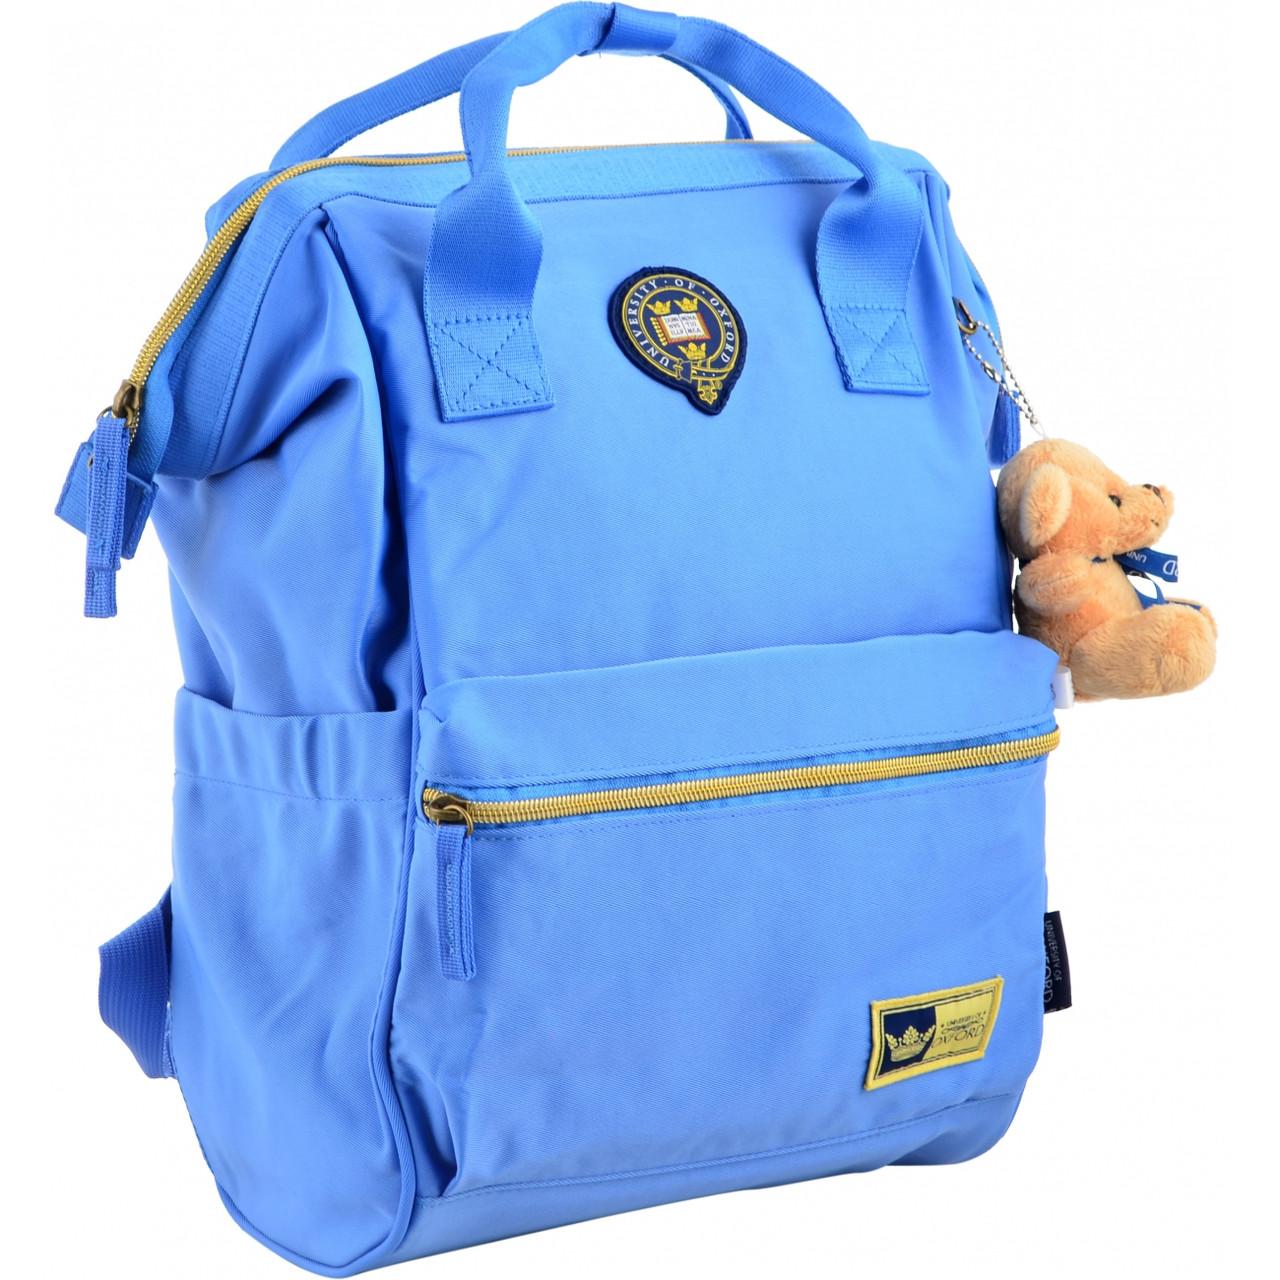 Рюкзак молодежный OX 385, 40*26*17.5, голубой